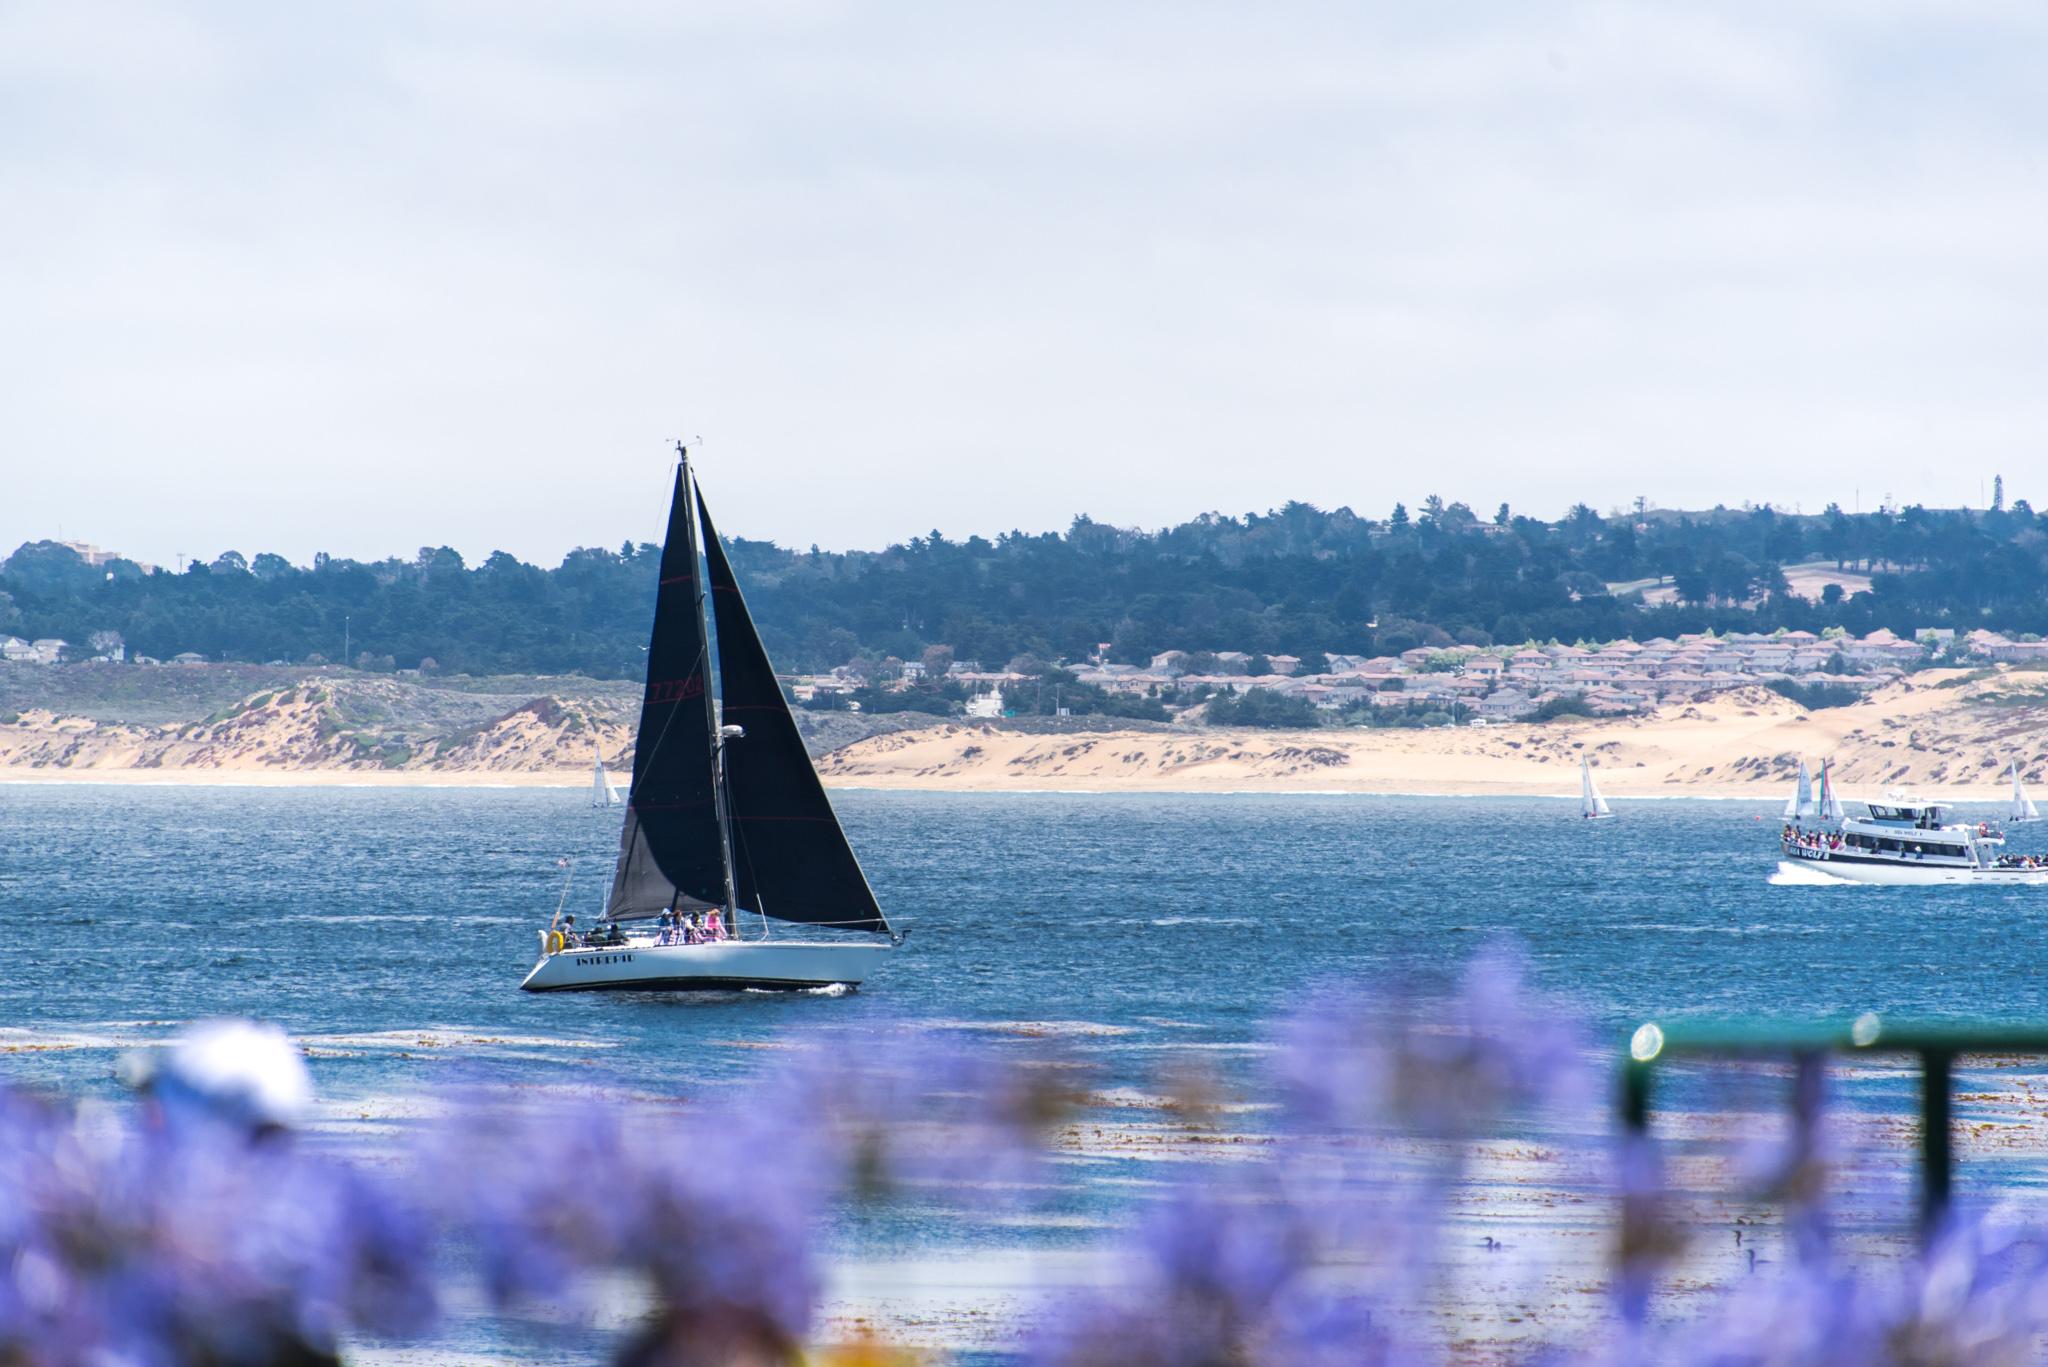 2016-07-04 - Groveland To Monterey To Carmel - 018